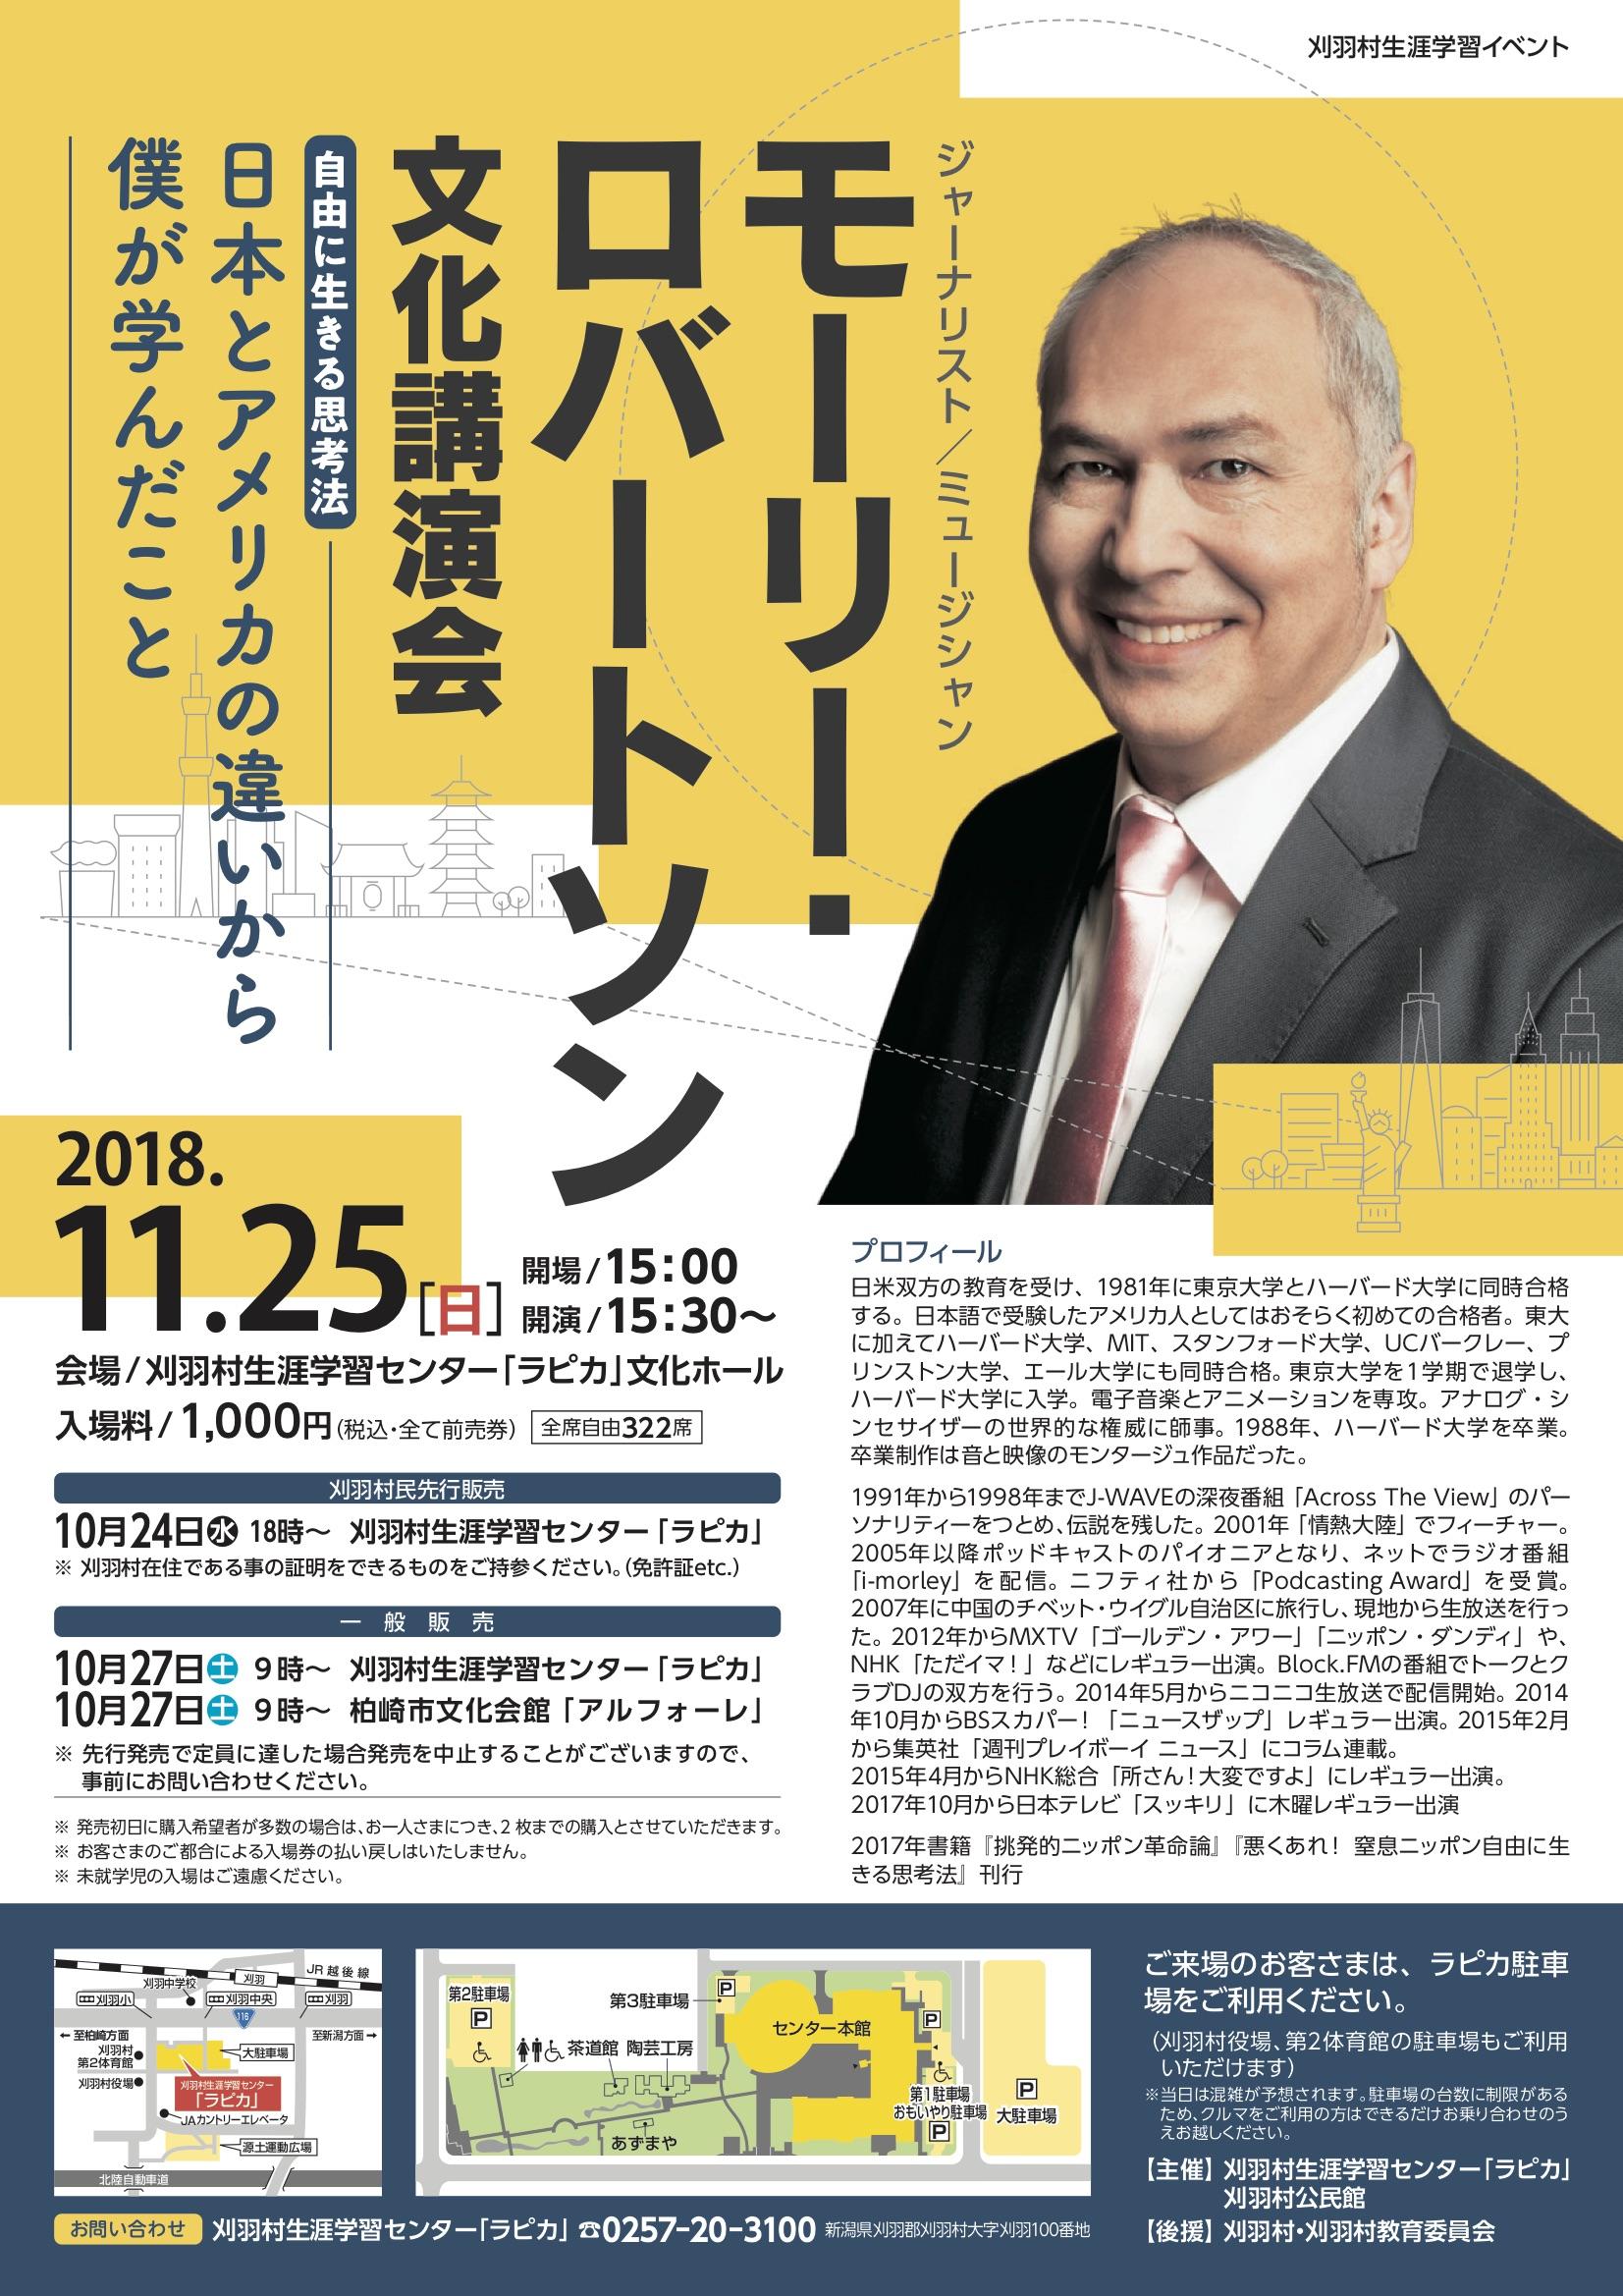 テレビなどでお馴染み モーリーさんの講演会が刈羽村のラピカで開催 ...